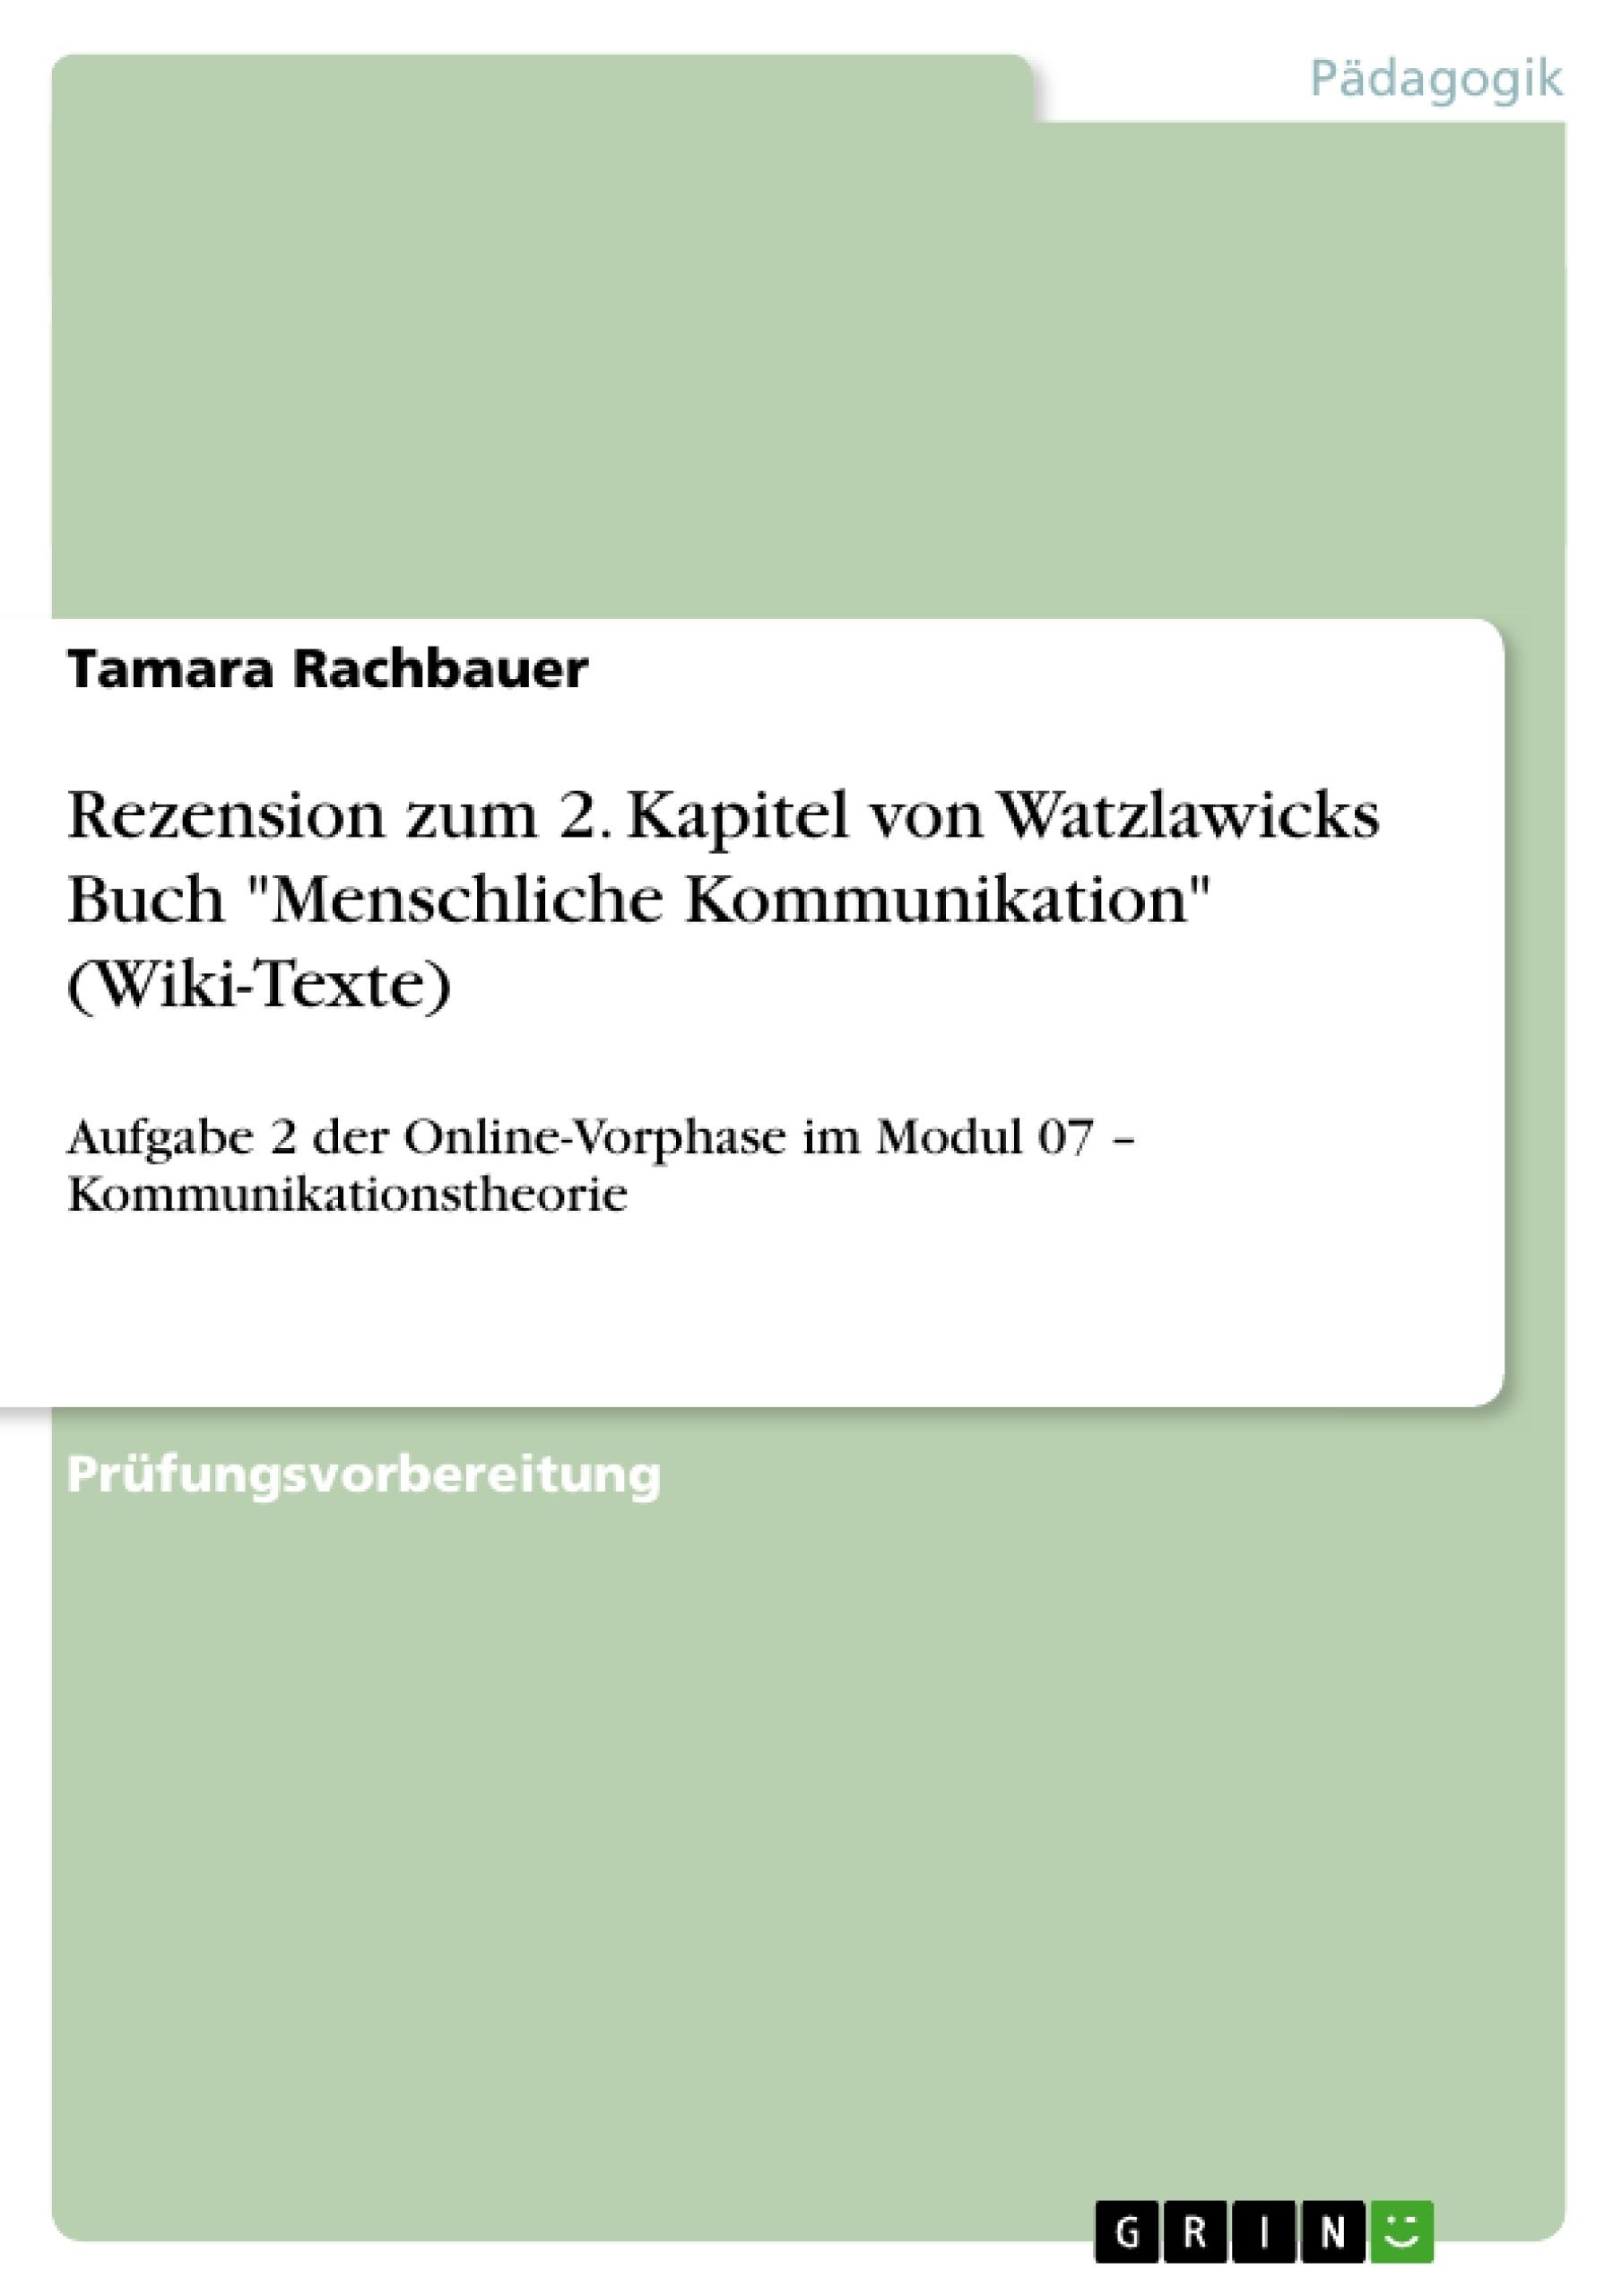 """Titel: Rezension zum 2. Kapitel von Watzlawicks Buch """"Menschliche Kommunikation"""" (Wiki-Texte)"""